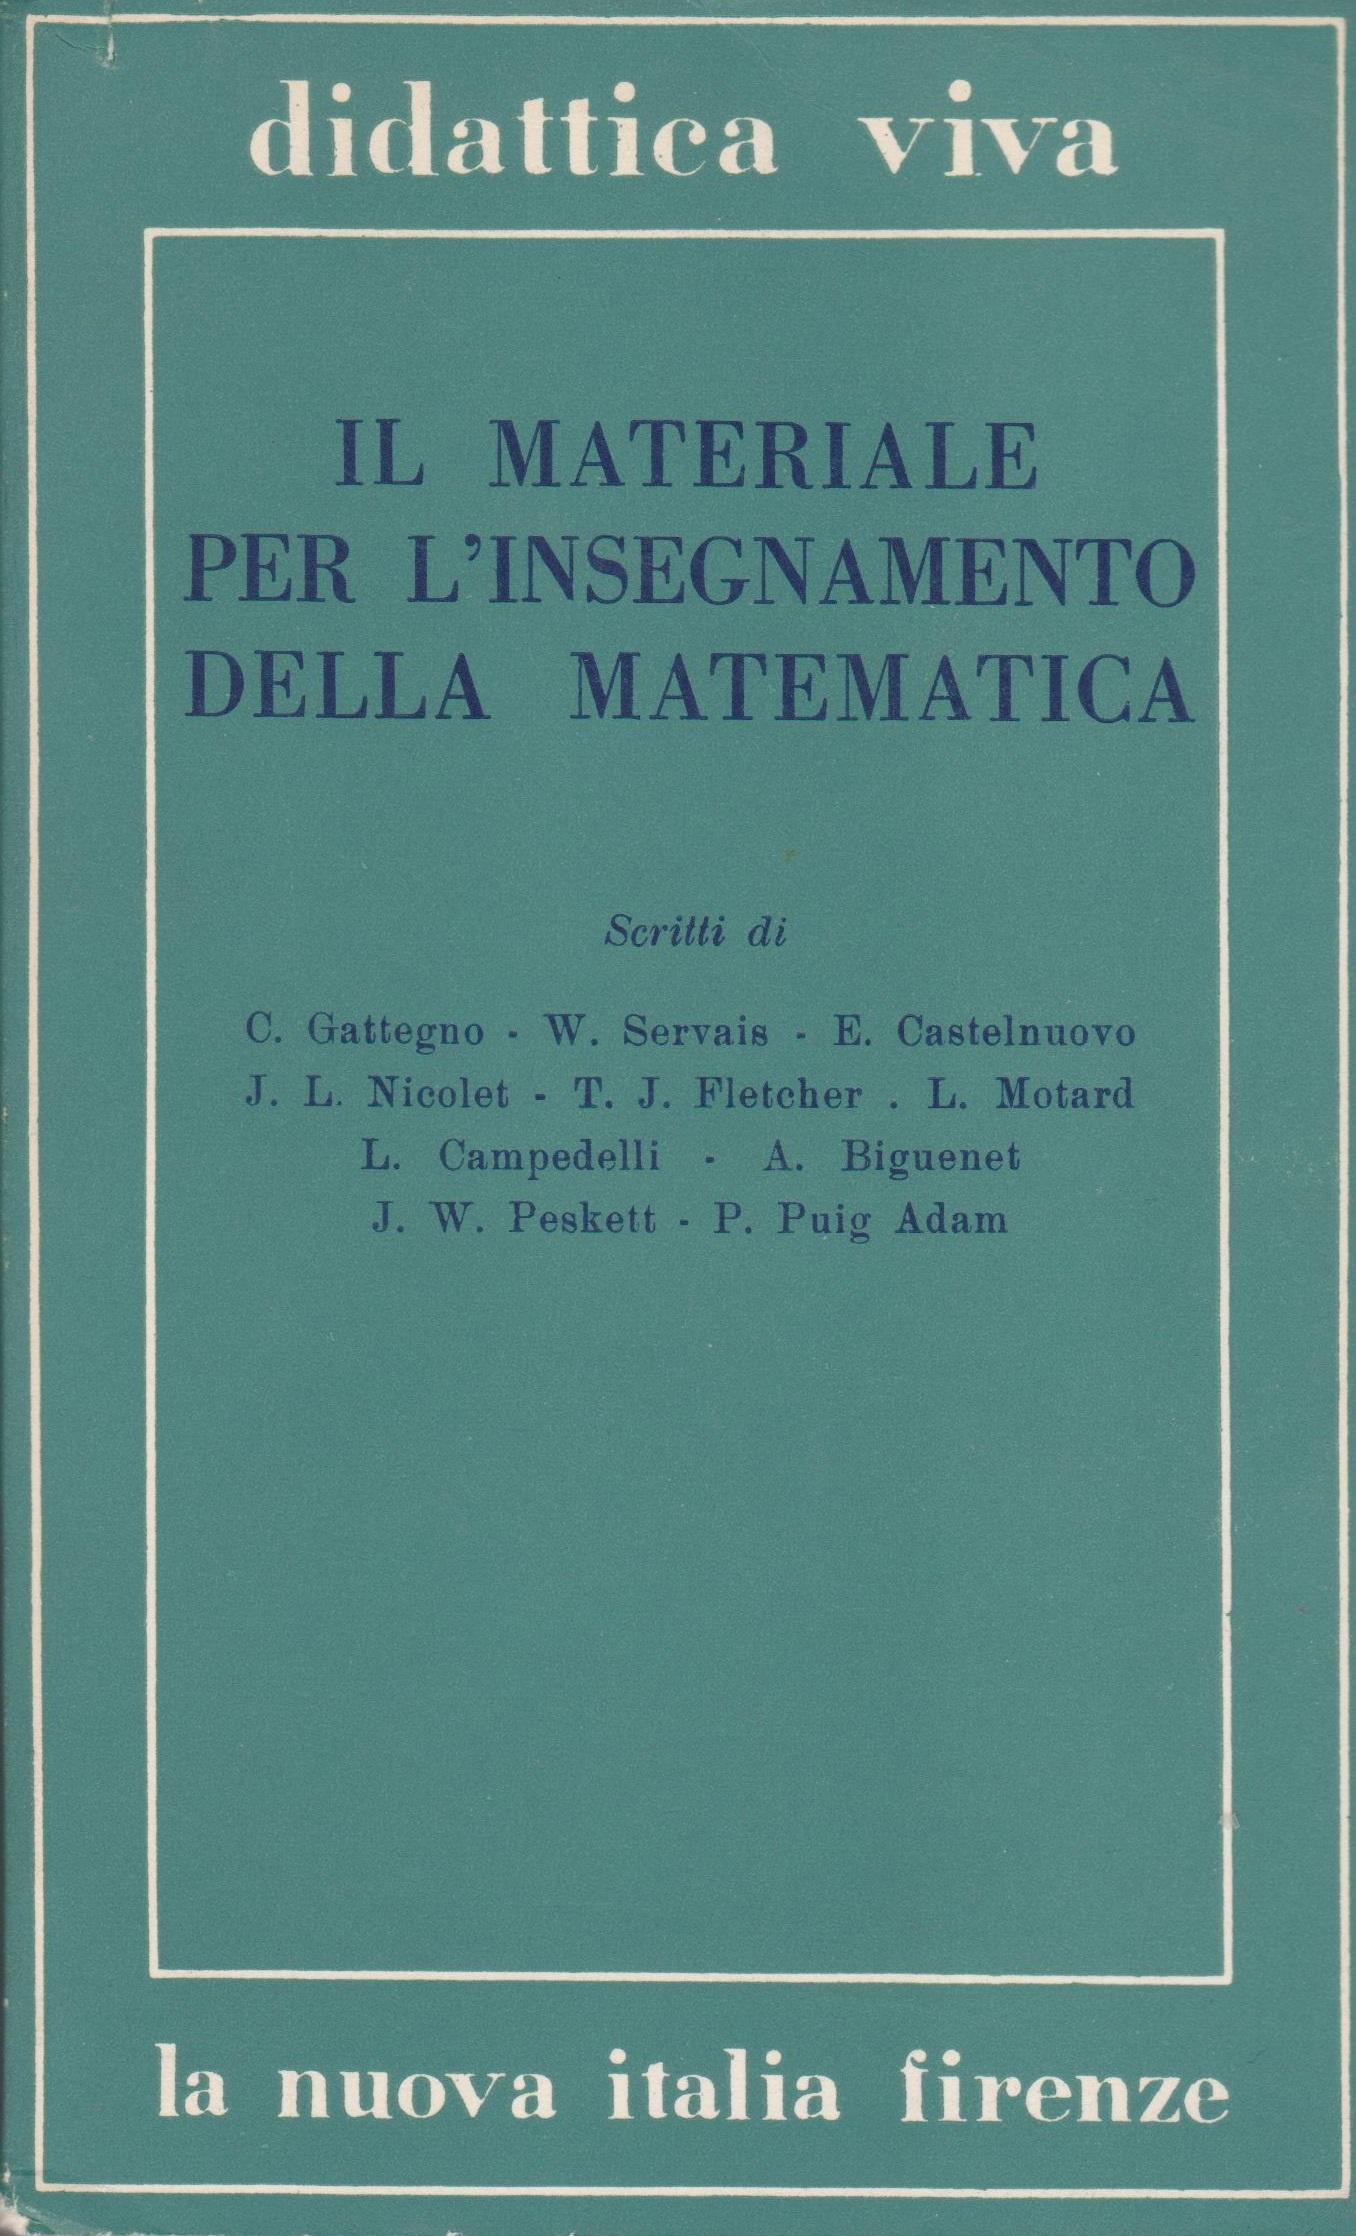 Il materiale per l'insegnamento della matematica